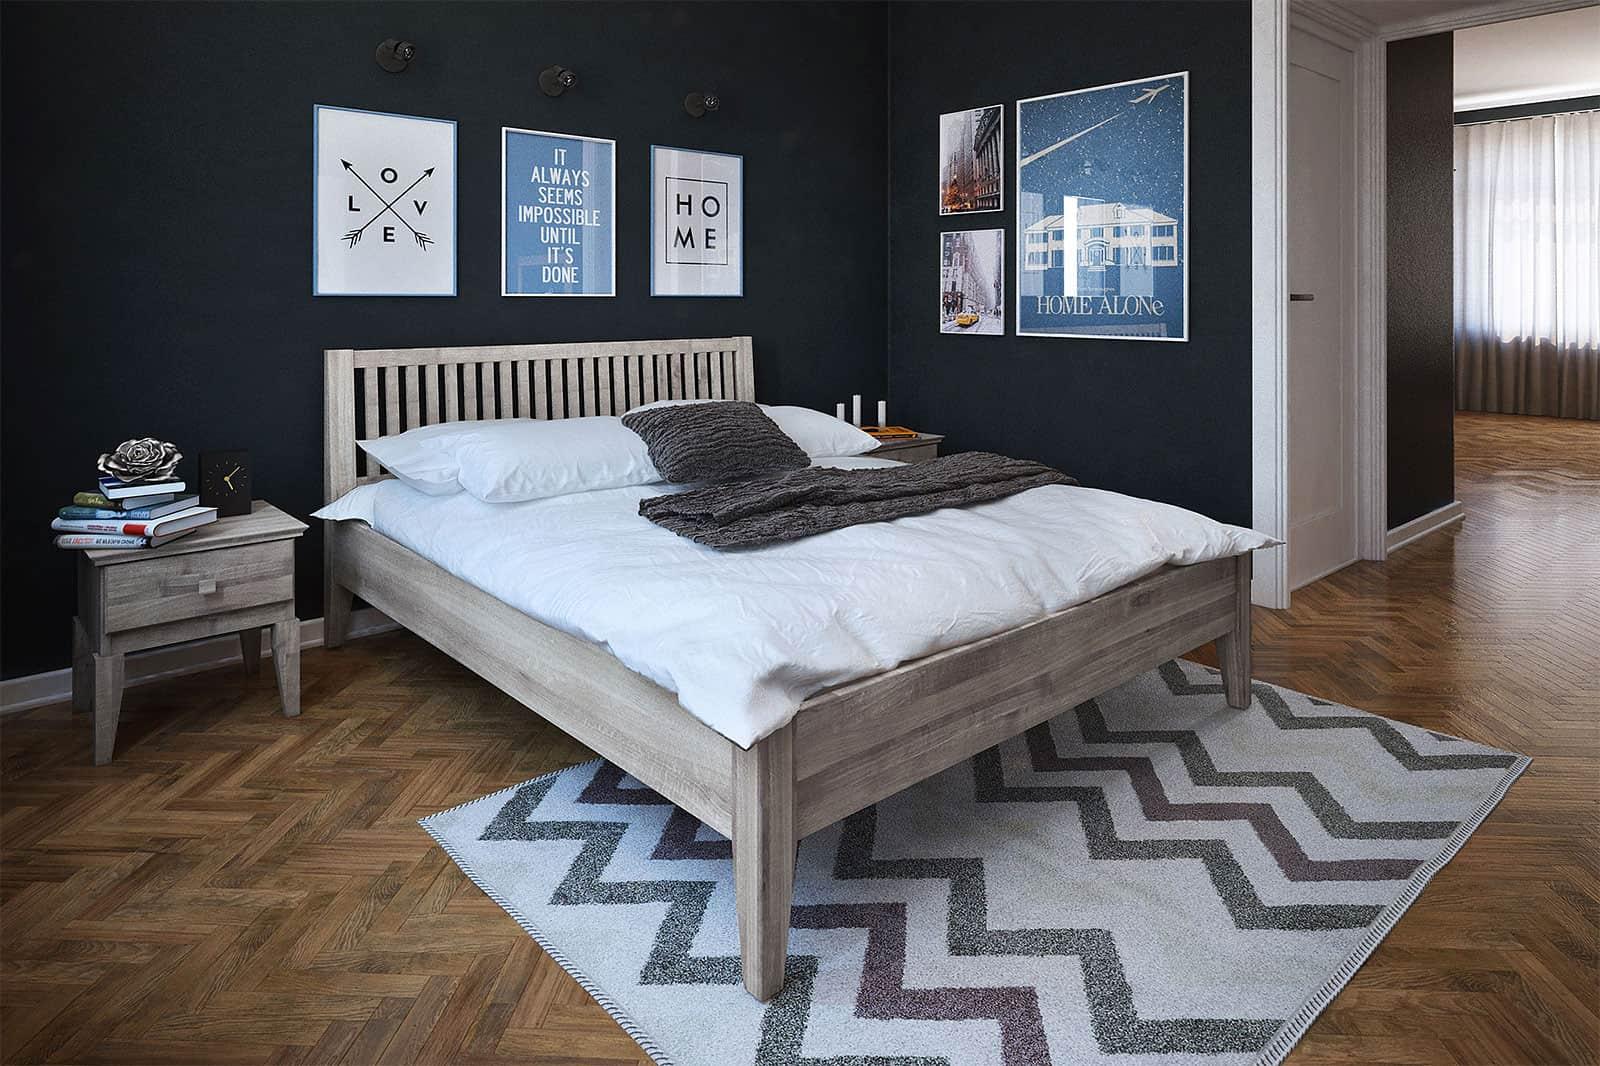 Zdjęcie 1 - Kolekcja ODYS do sypialni